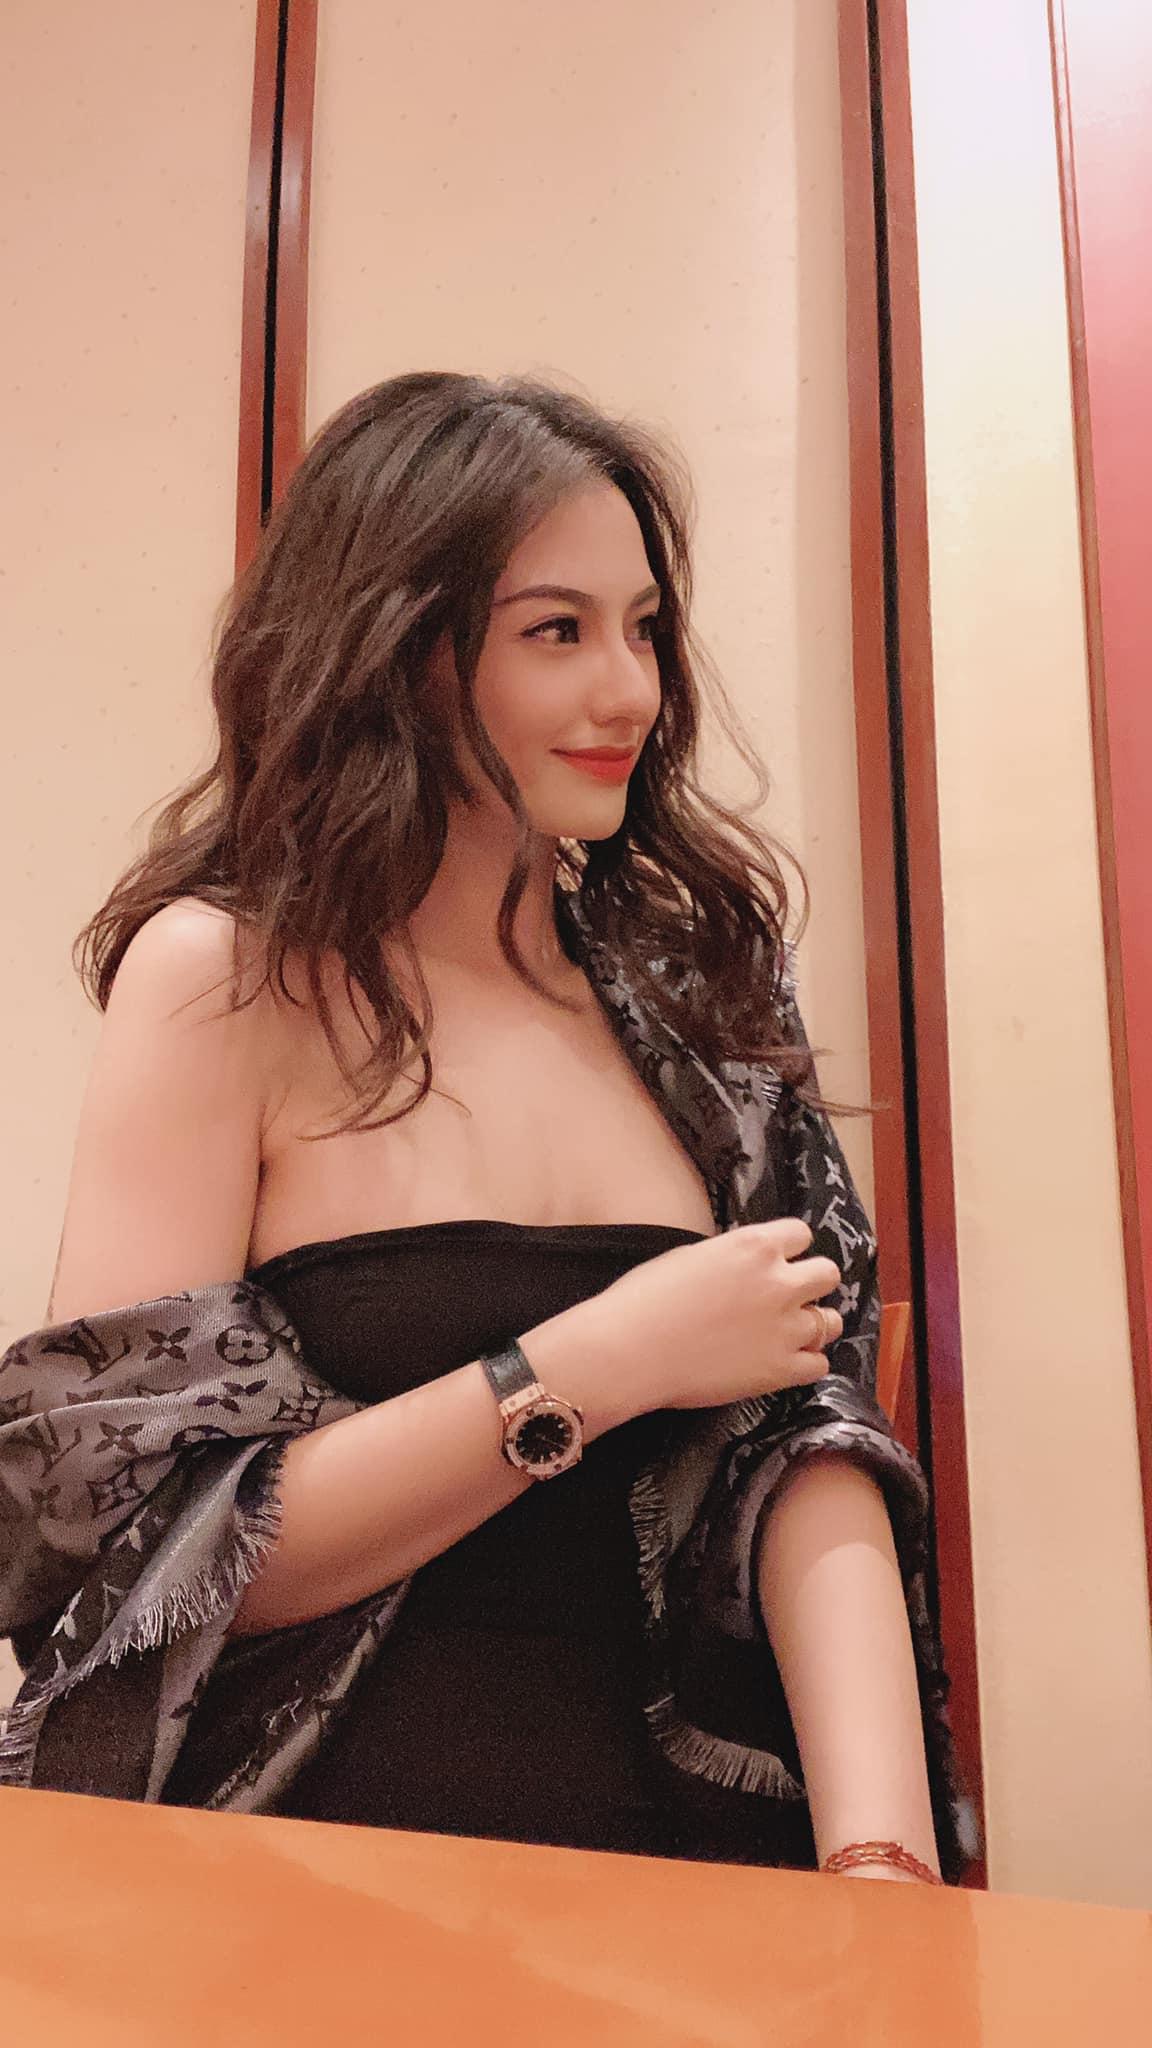 Hồng Quế gây tranh cãi khi chê bai nhan sắc Đỗ Thị Hà, công khai ủng hộ thí sinh chỉ lọt Top 22 Hoa hậu Việt Nam - Ảnh 5.